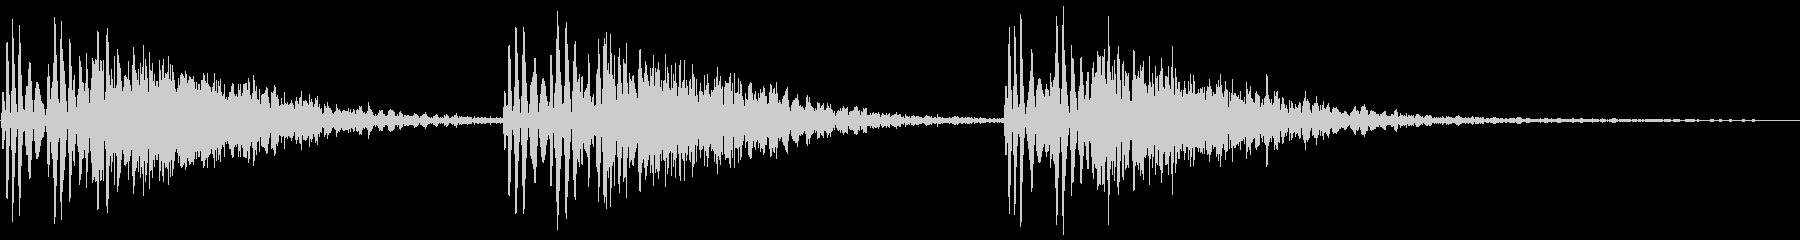 パンチやキックの打撃音3連発(ビシッ!)の未再生の波形